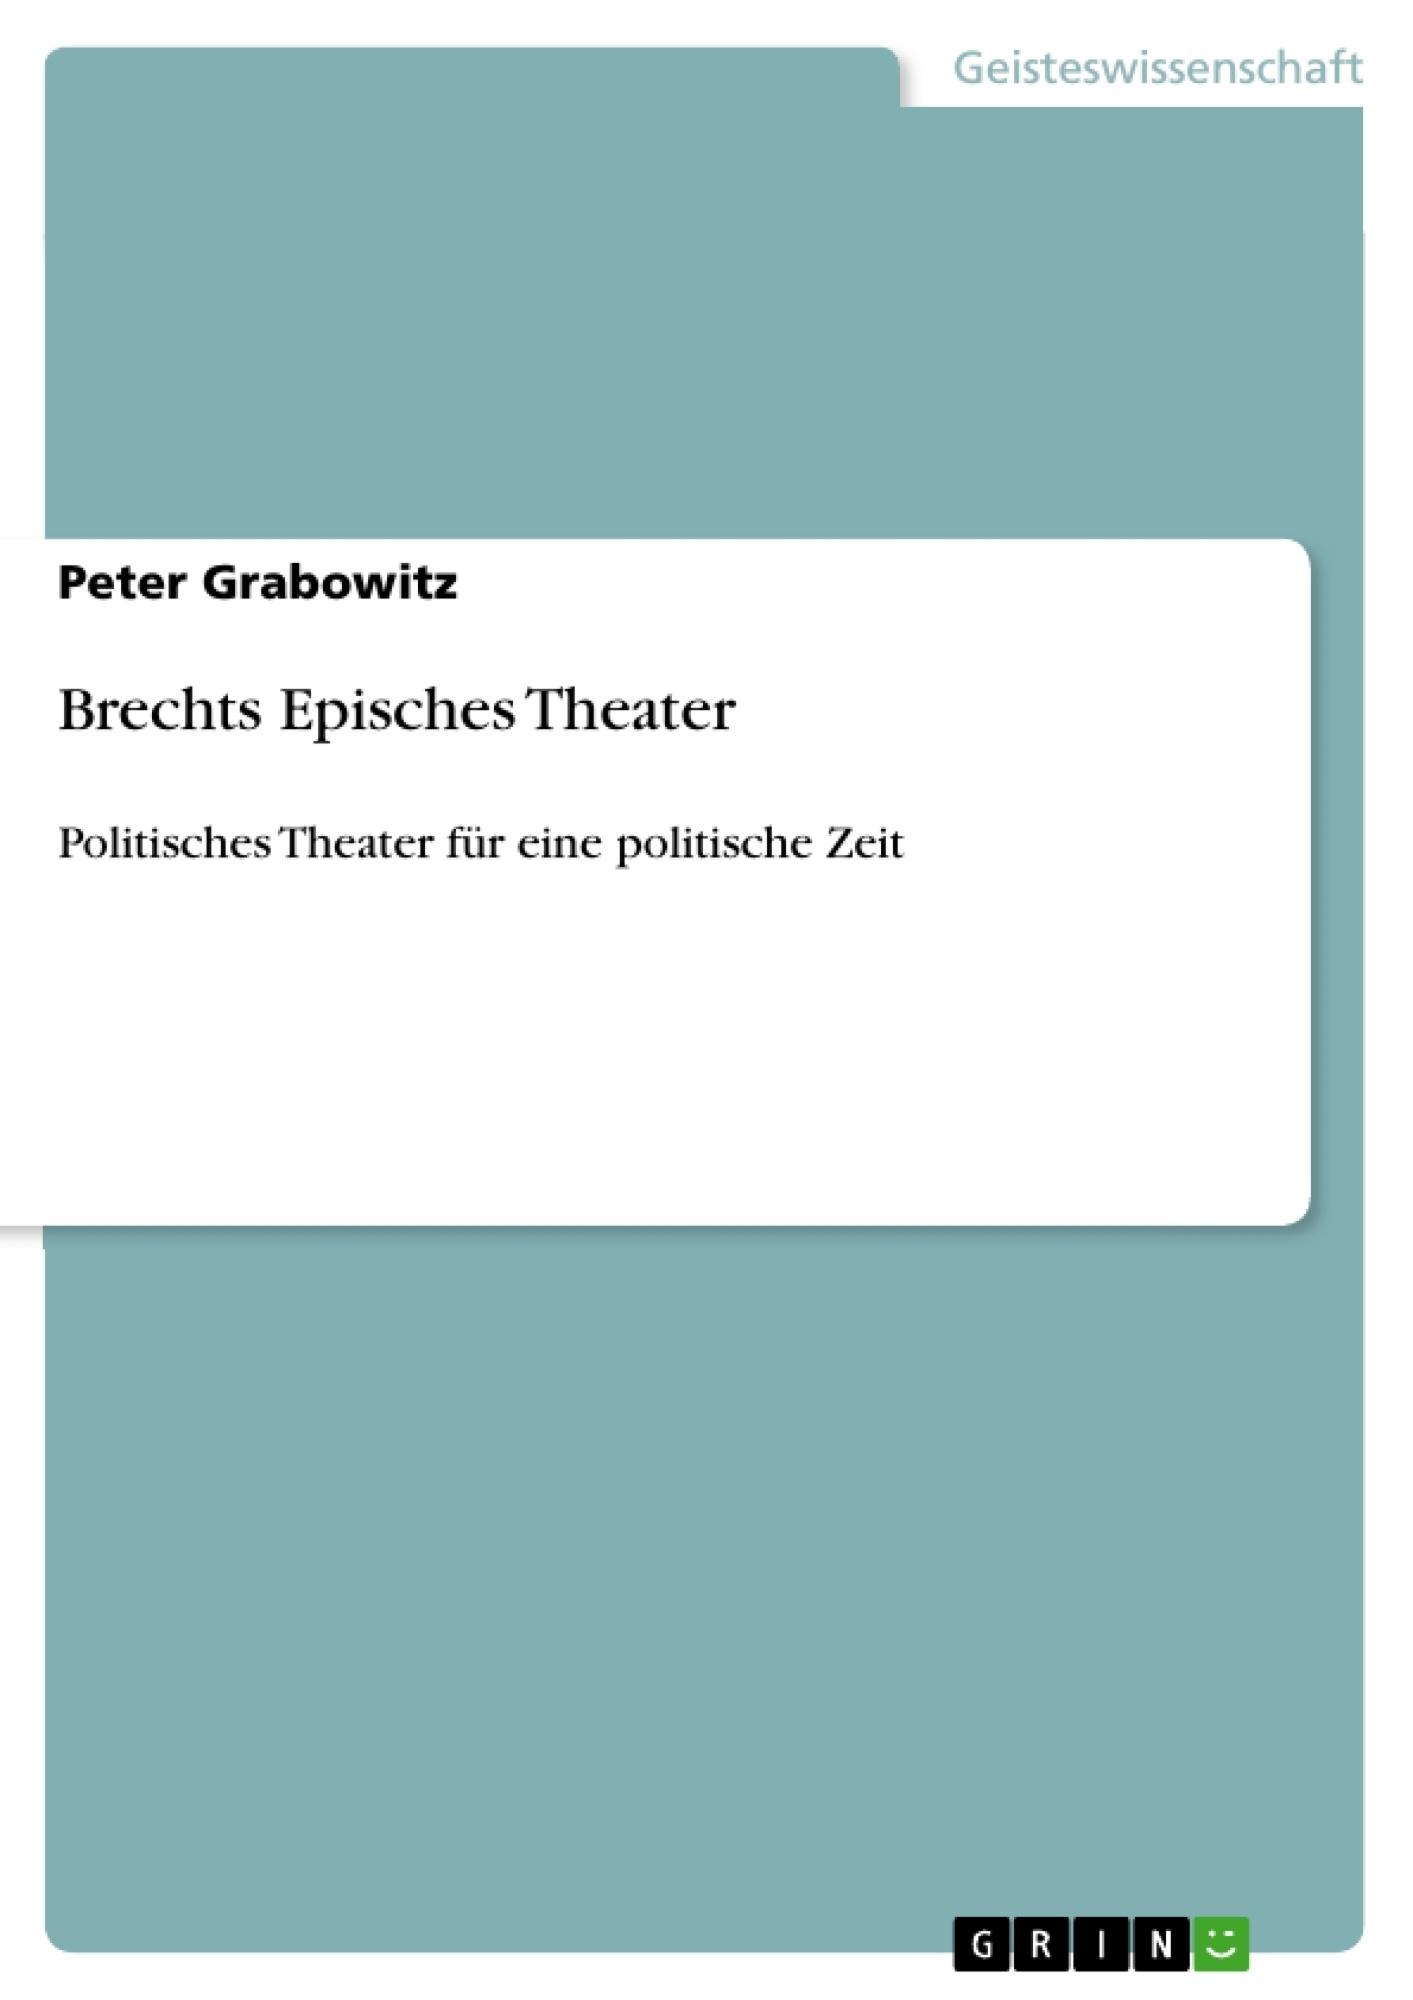 Titel: Brechts Episches Theater